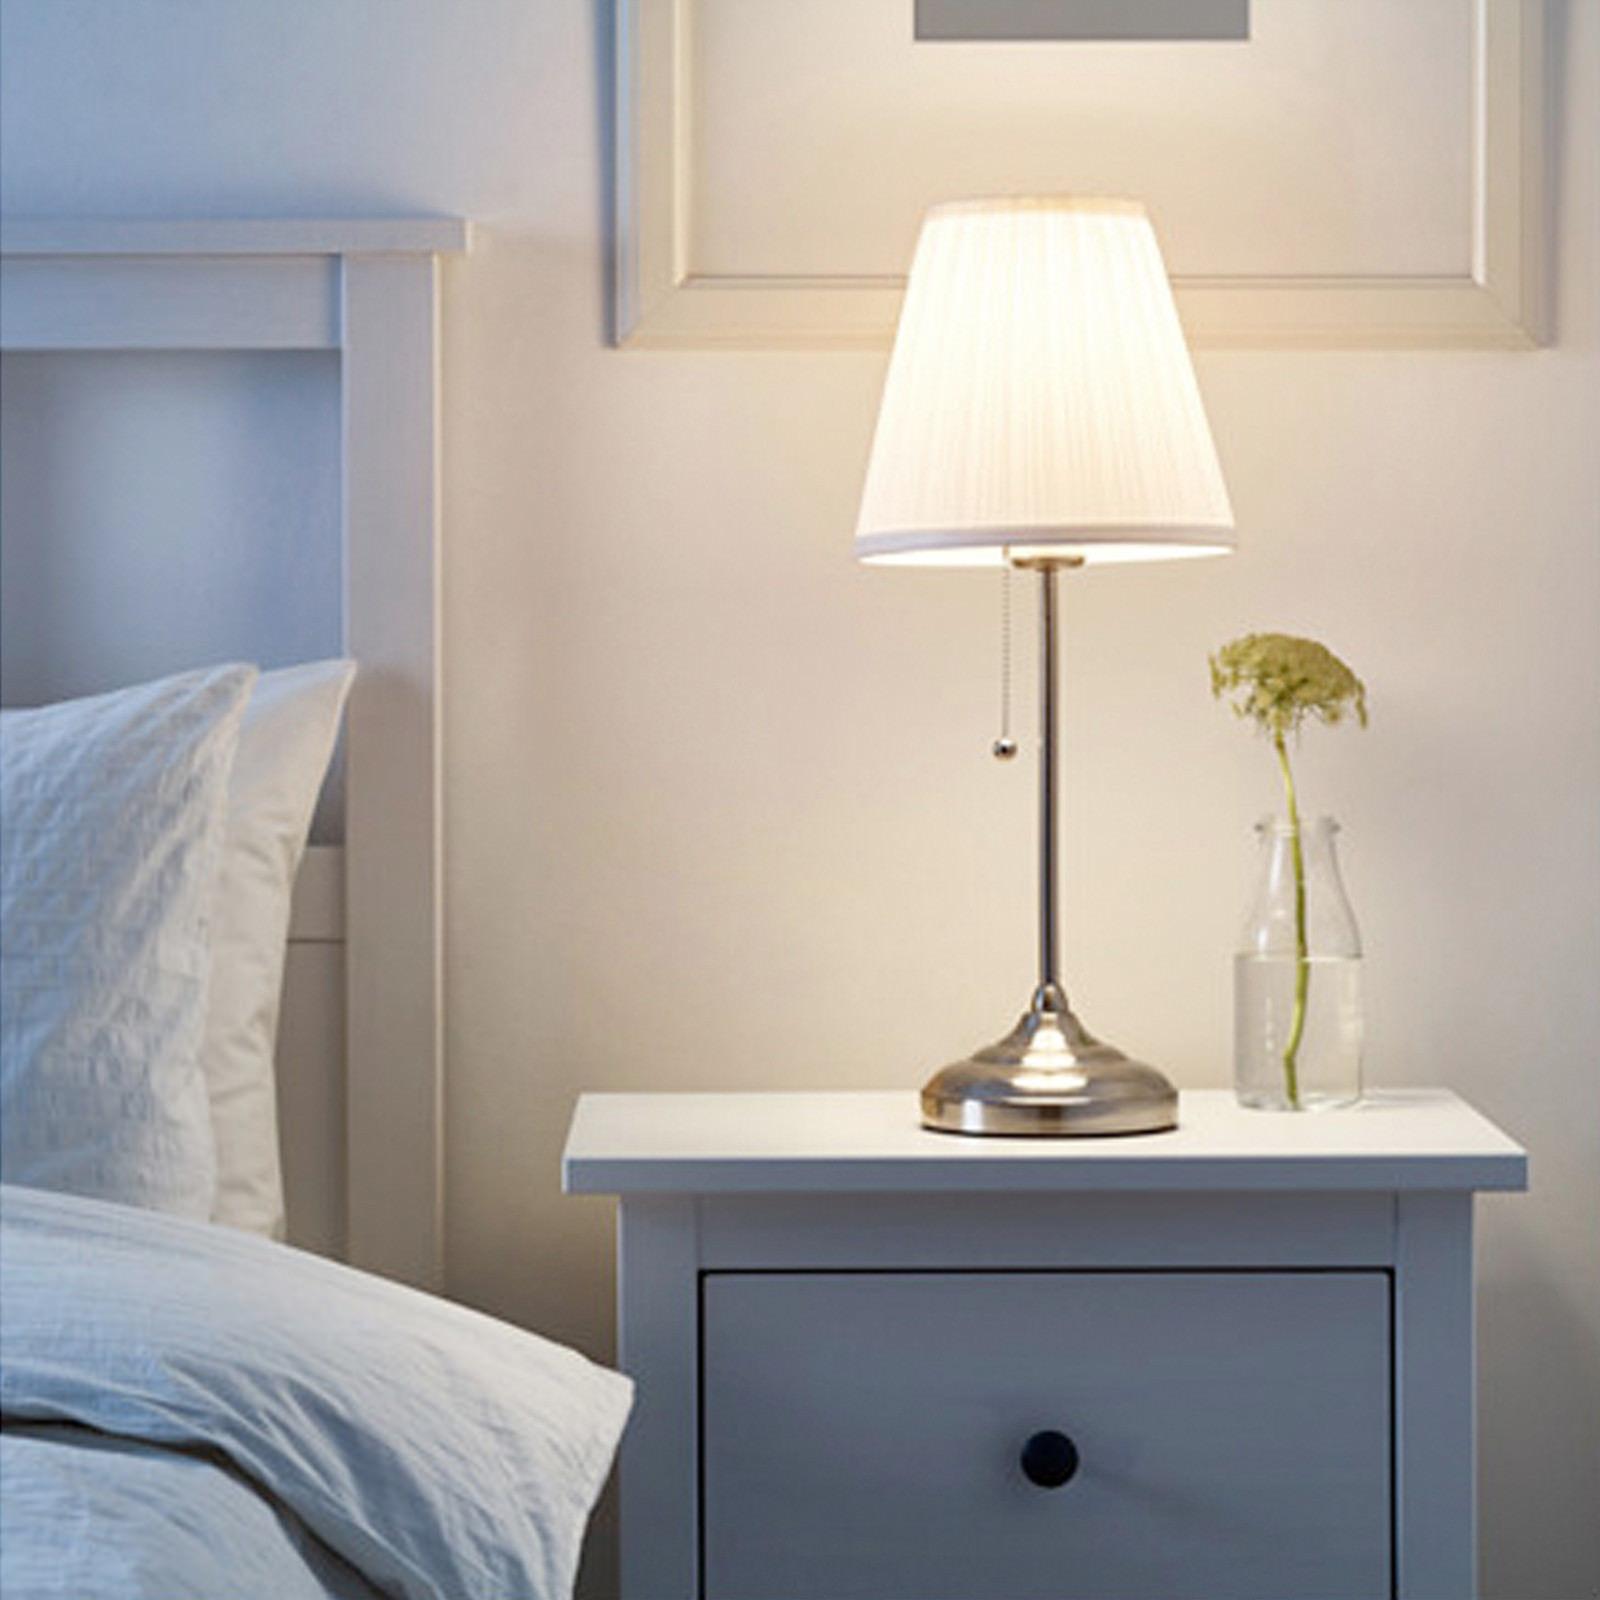 ikea Årstid tischlampe weiß nachttischlampe regalleuchte